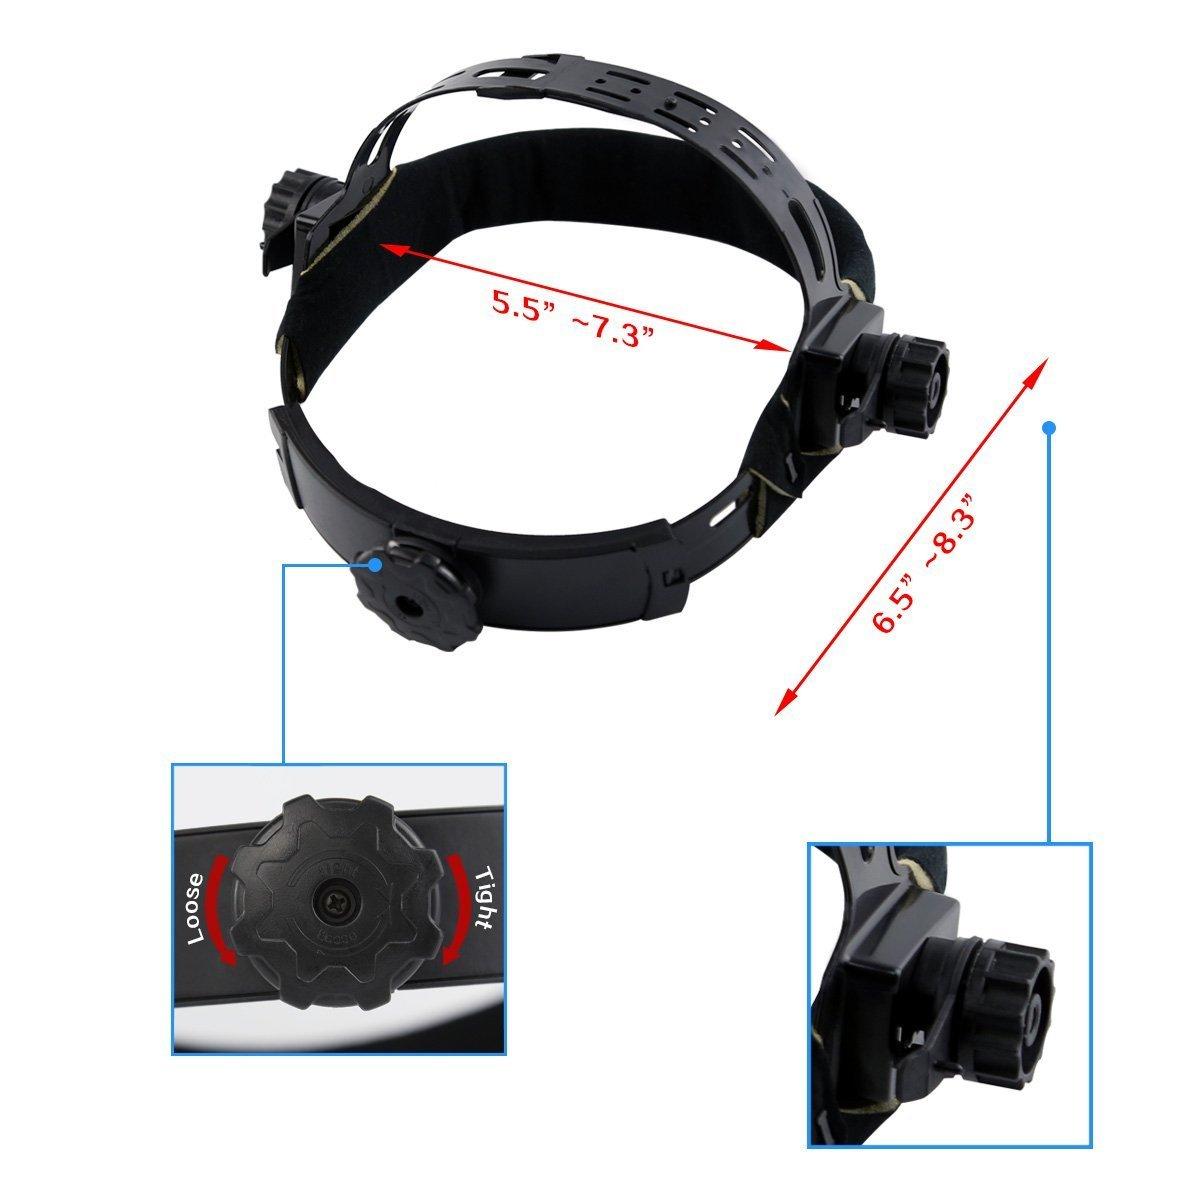 DEKOPRO Auto Darkening Solar Welding Helmet ARC TIG MIG Weld Welder Lens Grinding Mask New Black Design by DEKOPRO (Image #4)